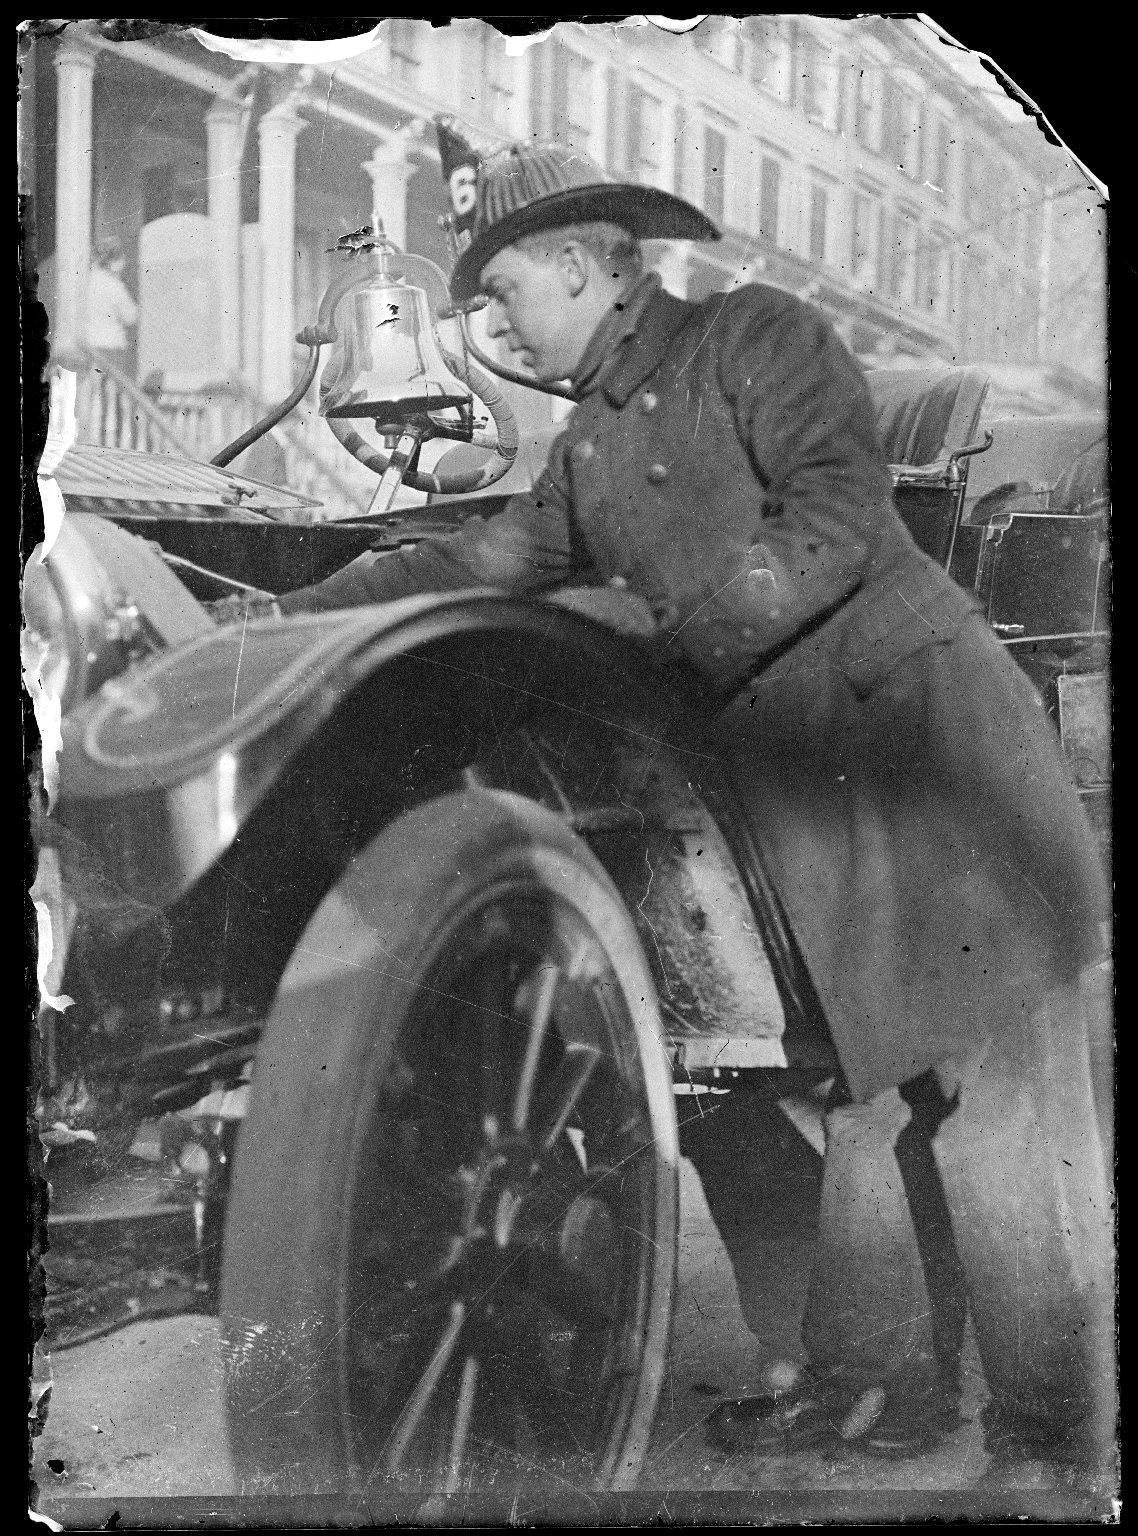 Пожарный проверяет технику. Нью-Йорк, США. Начало 20 века